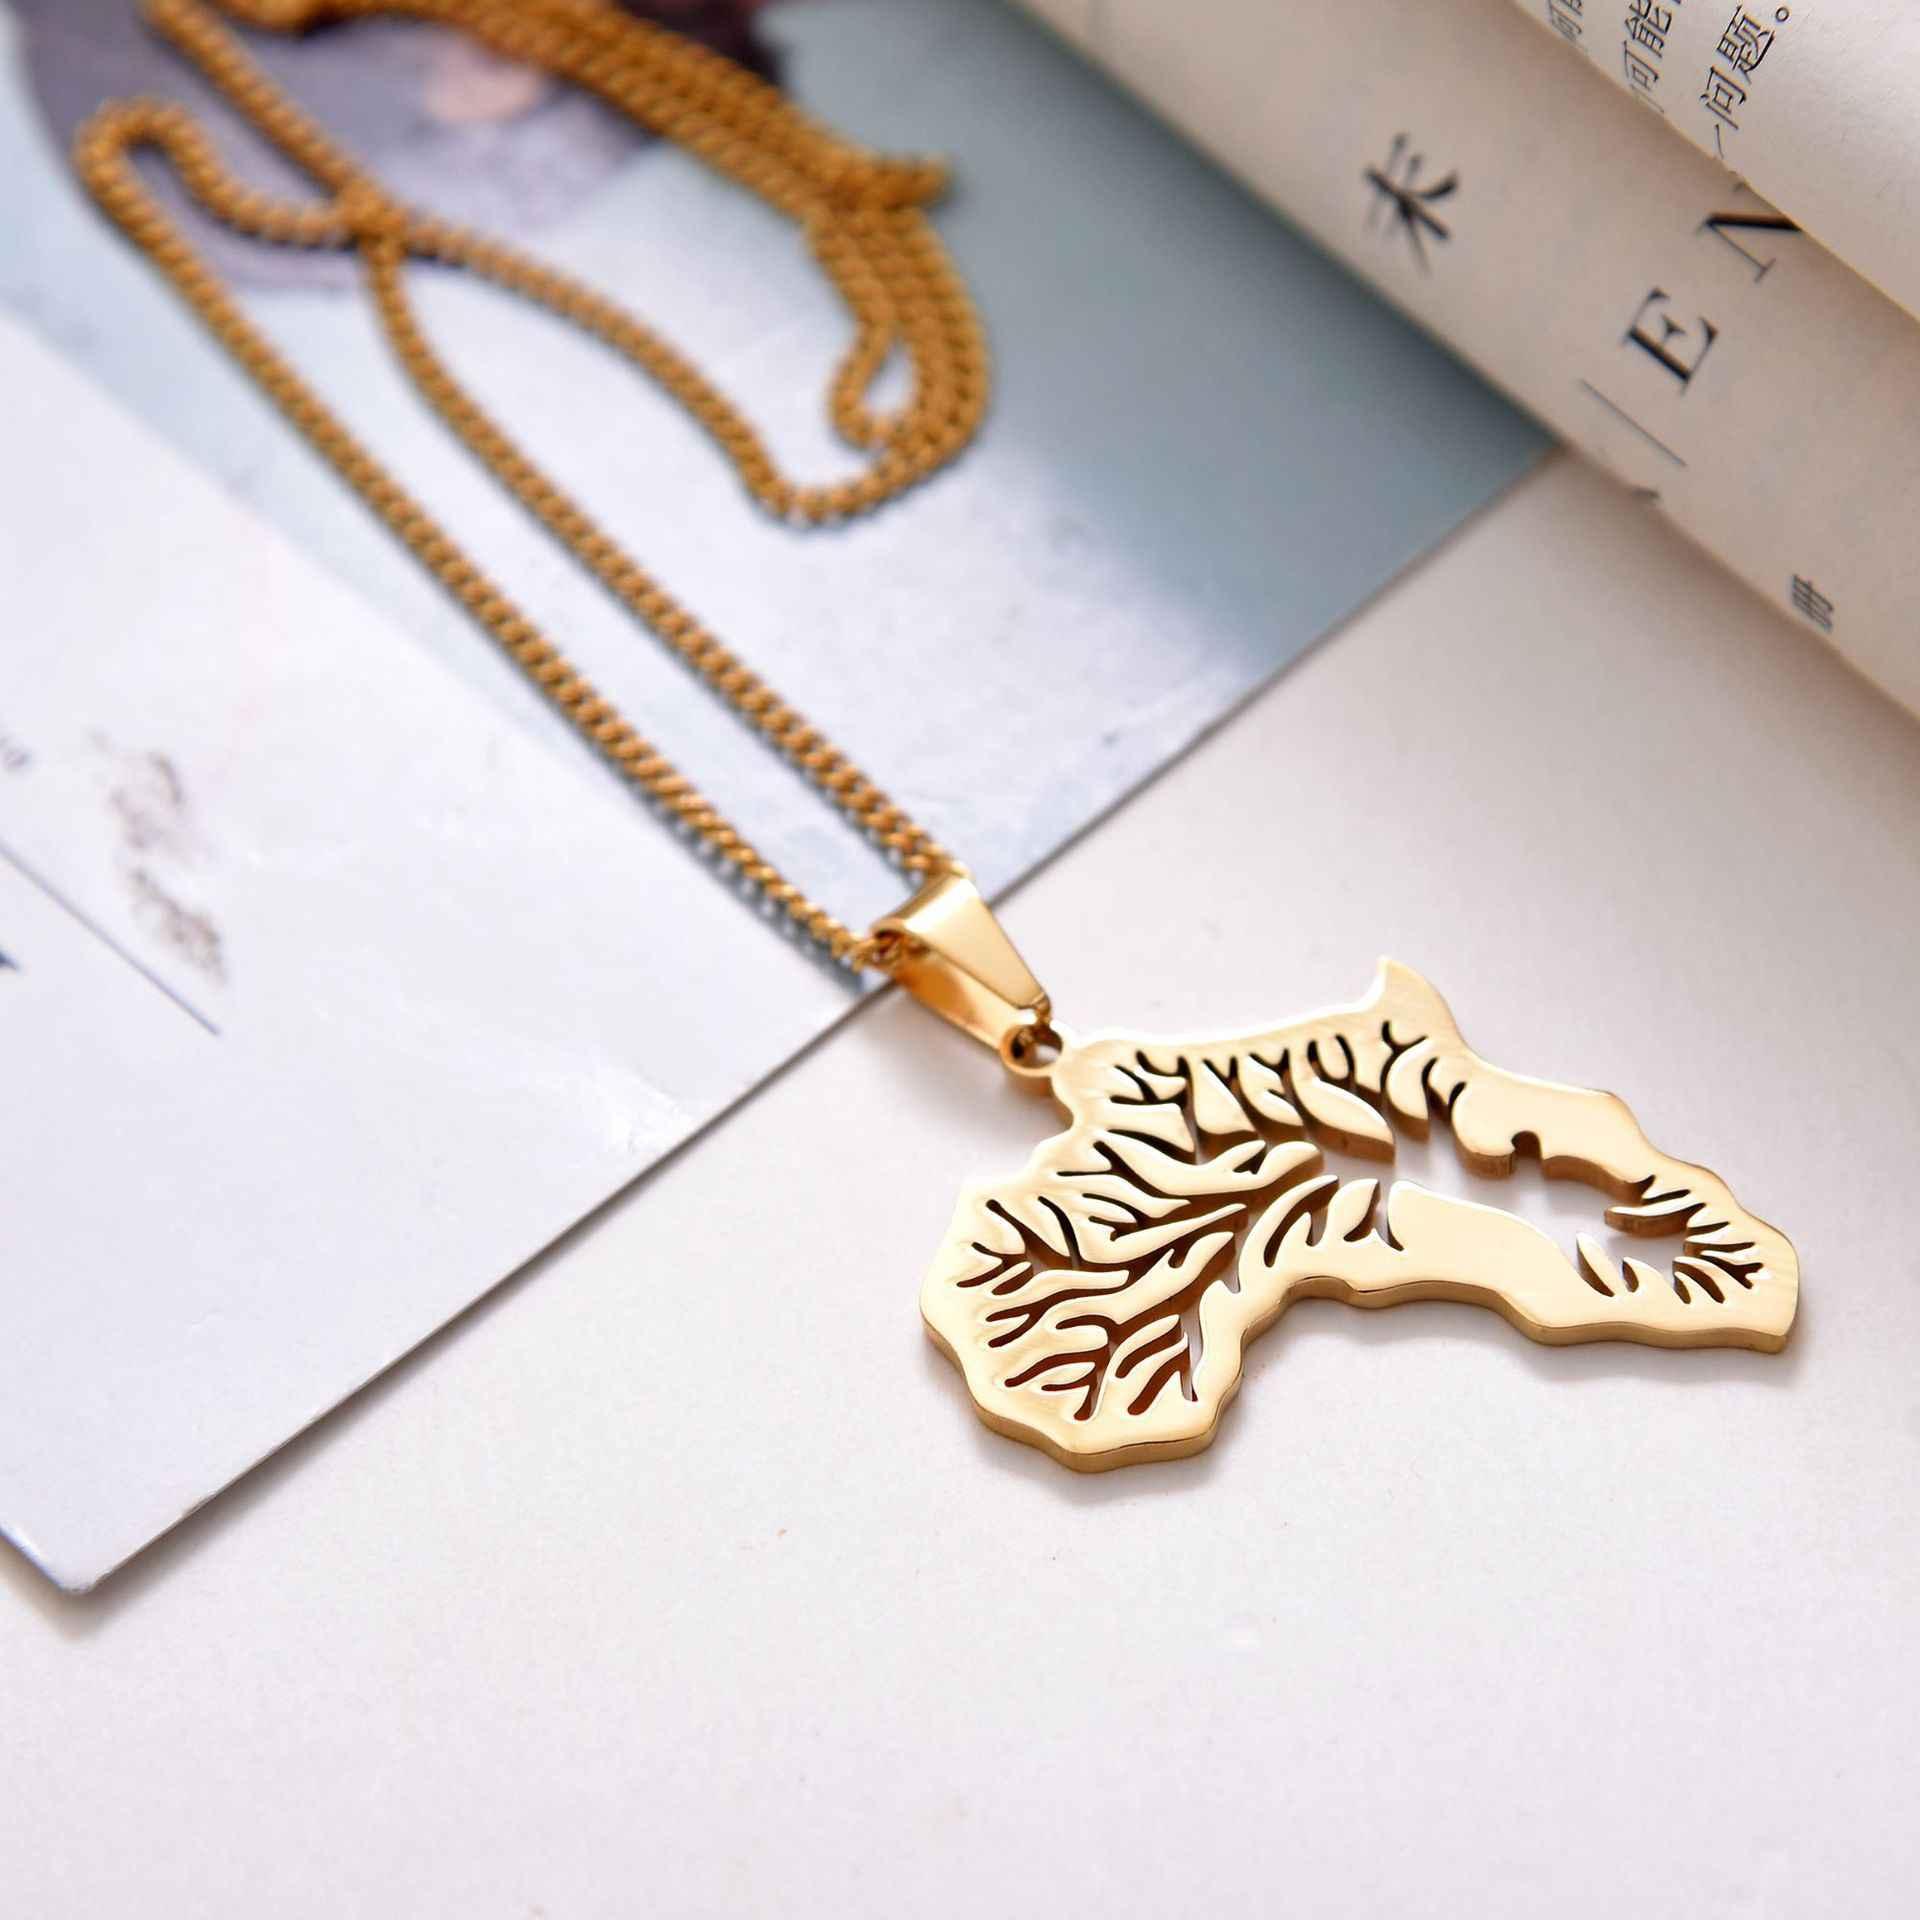 สแตนเลสแอฟริกาแผนที่จี้สร้อยคอ Tree of Life Gold สร้อยคอสร้อยคอสำหรับผู้หญิง Party เครื่องประดับ Dropshipping